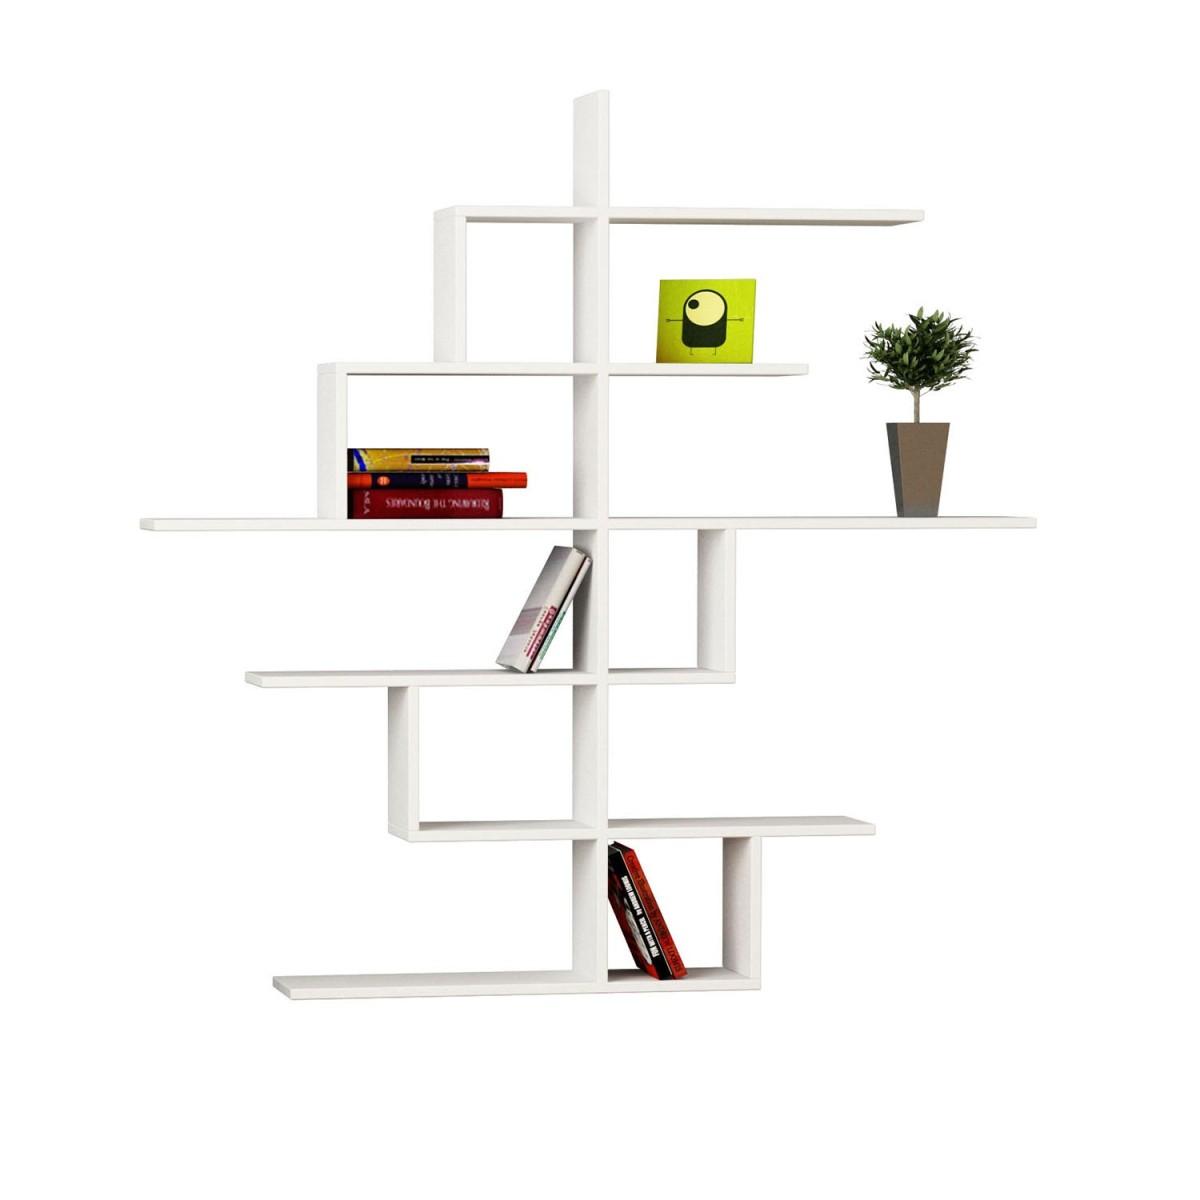 Durban libreria a muro design moderno in legno 150 x 150 cm for Mensole libreria